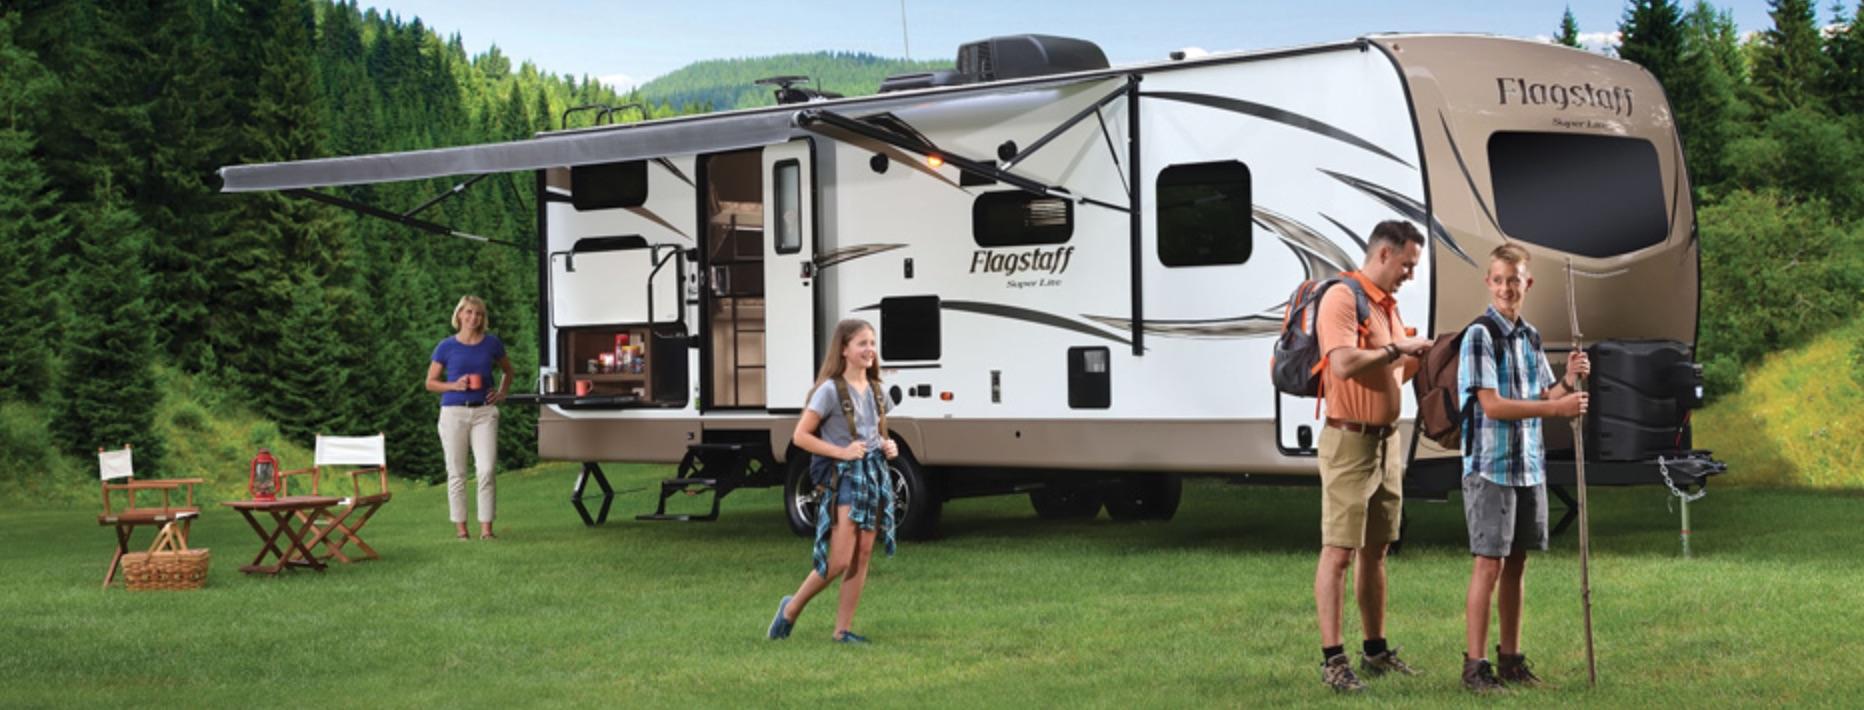 Flagstaff Super Lite Travel Trailer